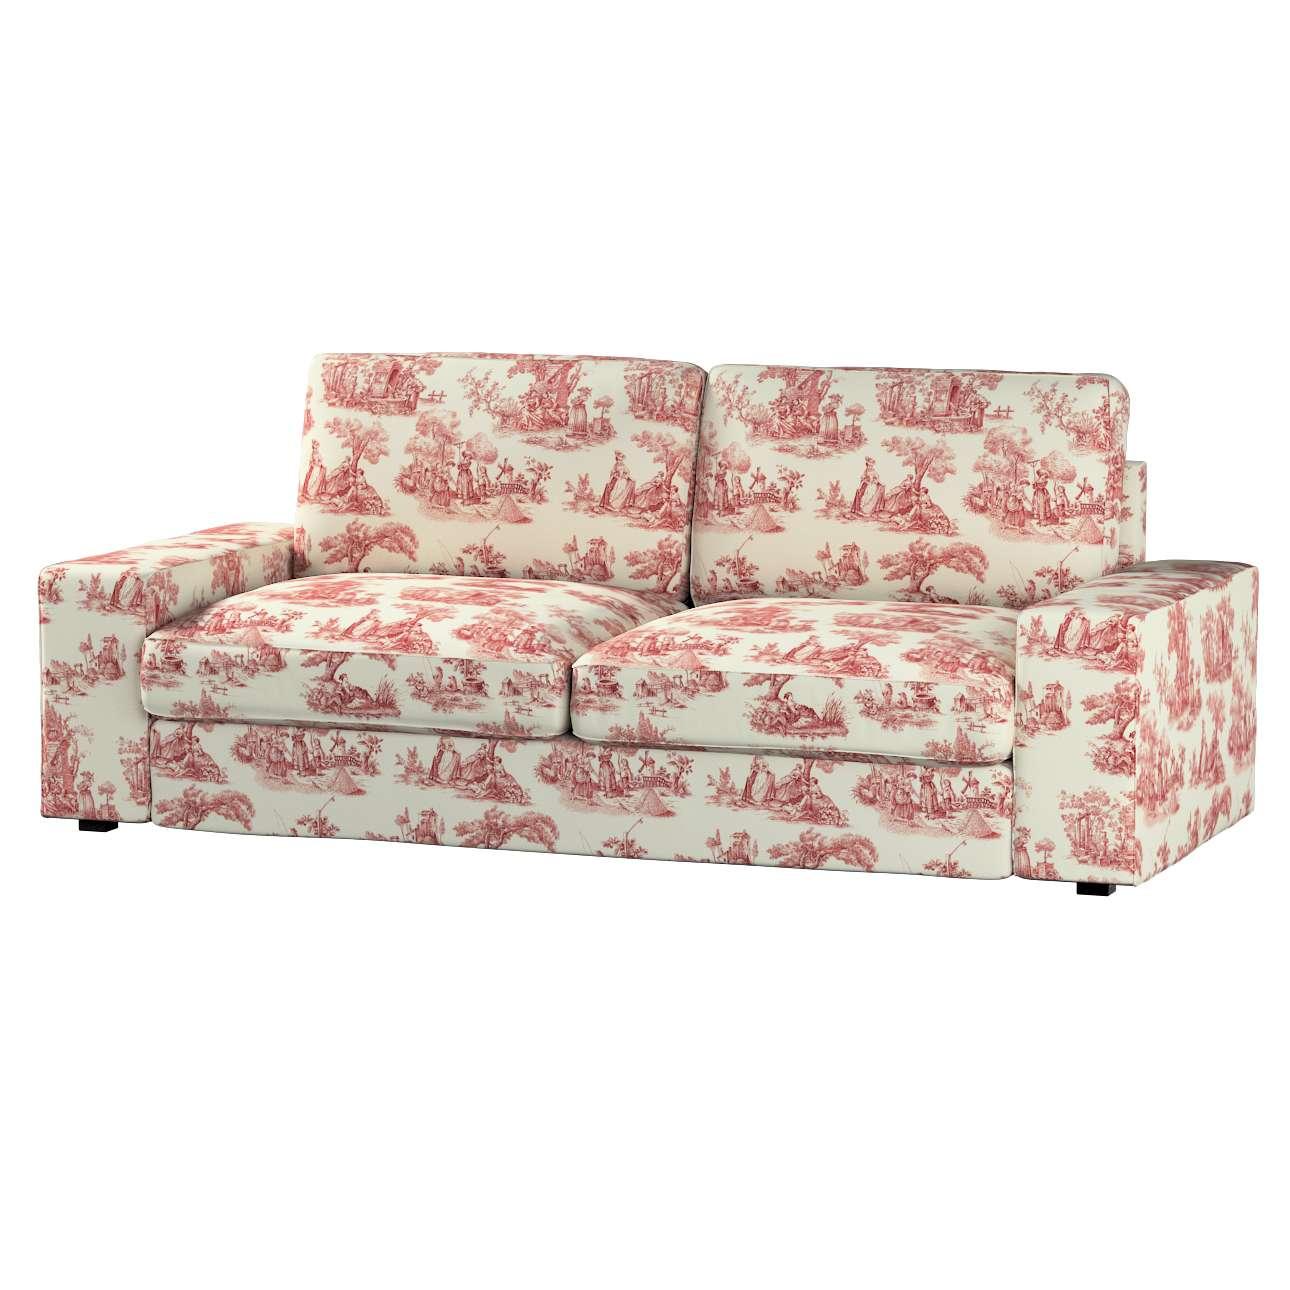 Pokrowiec na sofę Kivik 3-osobową, nierozkładaną Sofa Kivik 3-osobowa nierozkładana w kolekcji Avinon, tkanina: 132-15